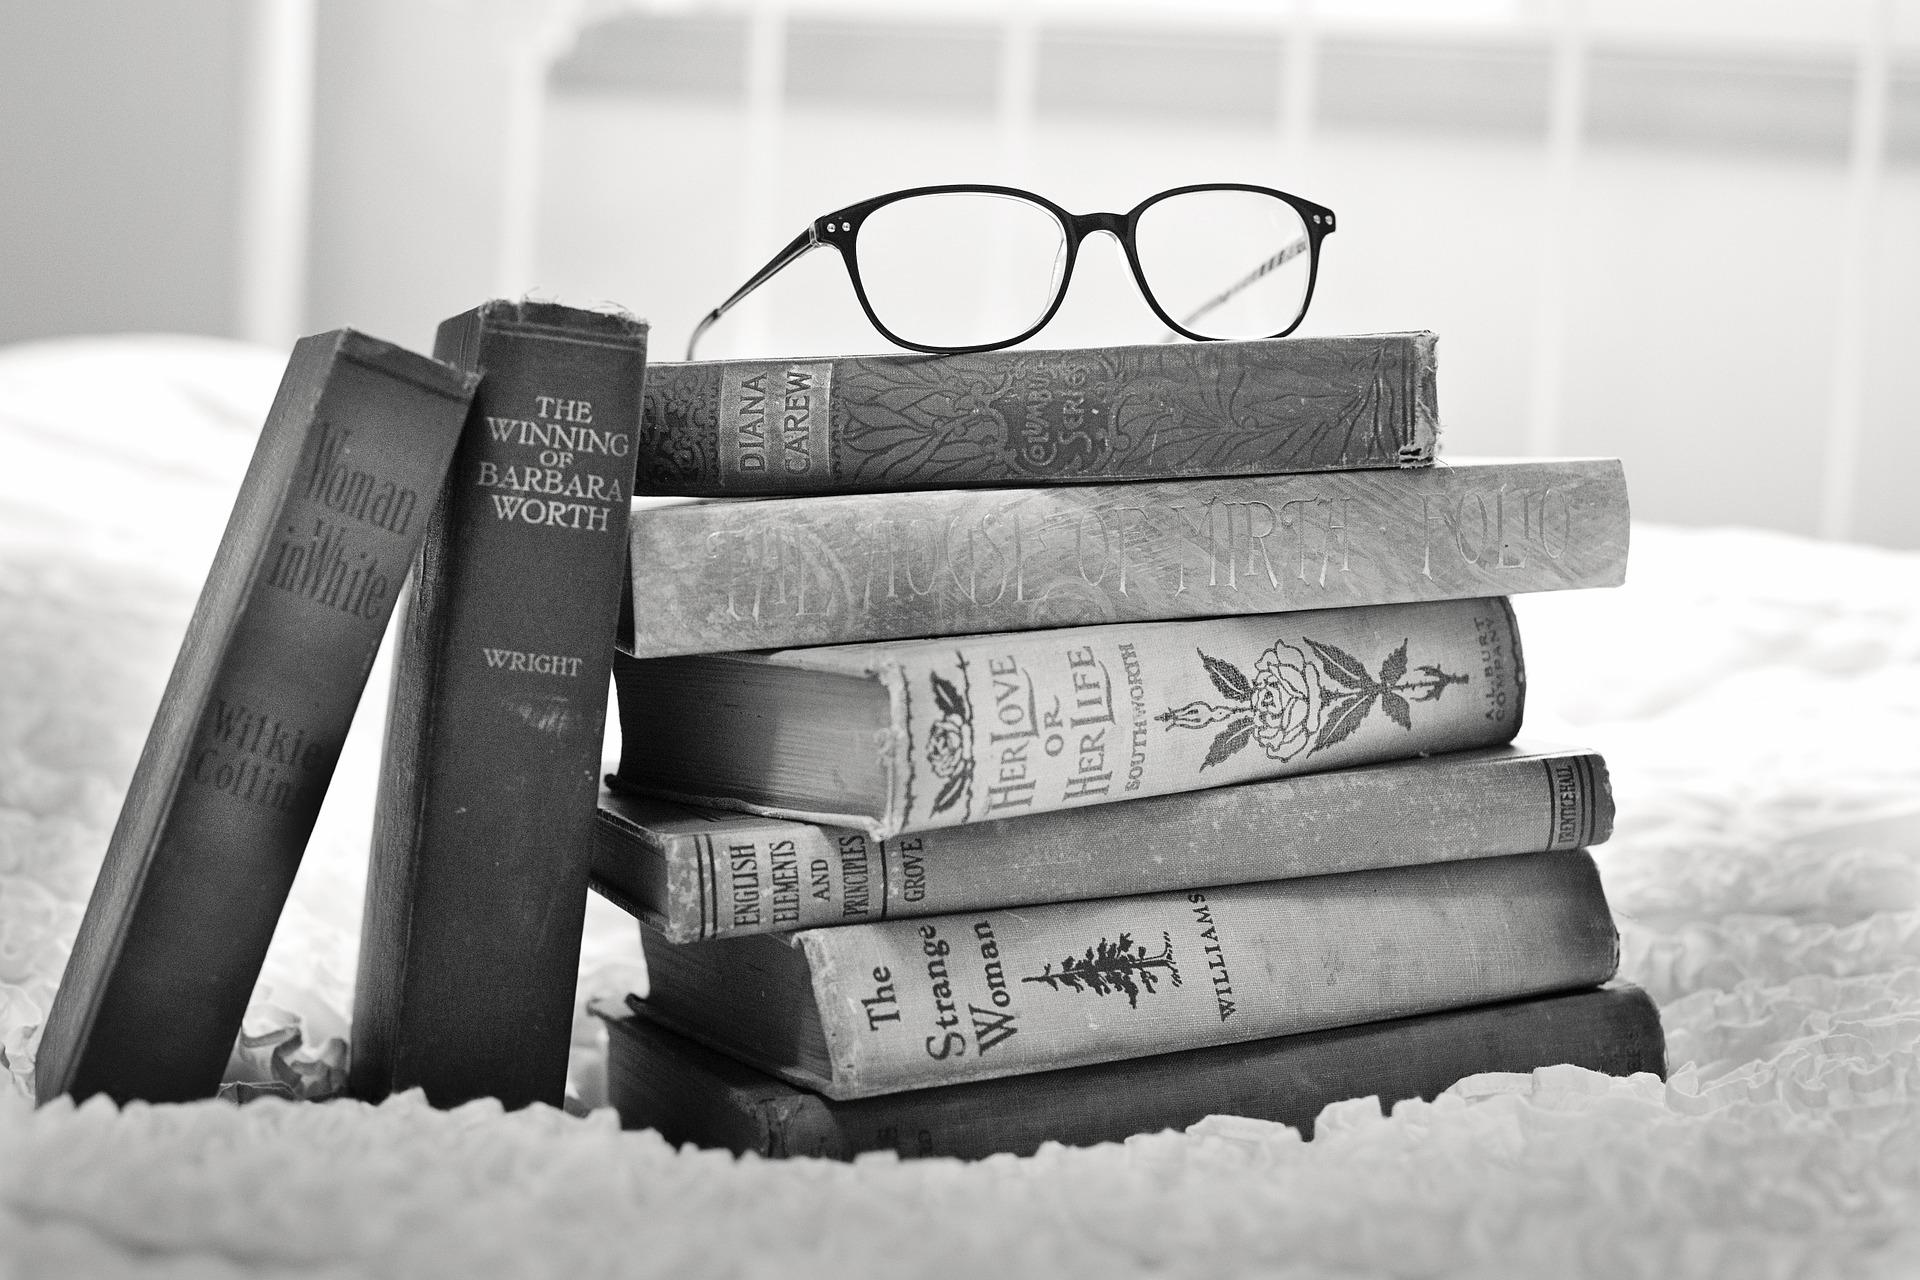 Hvordan kommer du i gang med at læse? Få tips og tricks til at blive en læsehest her